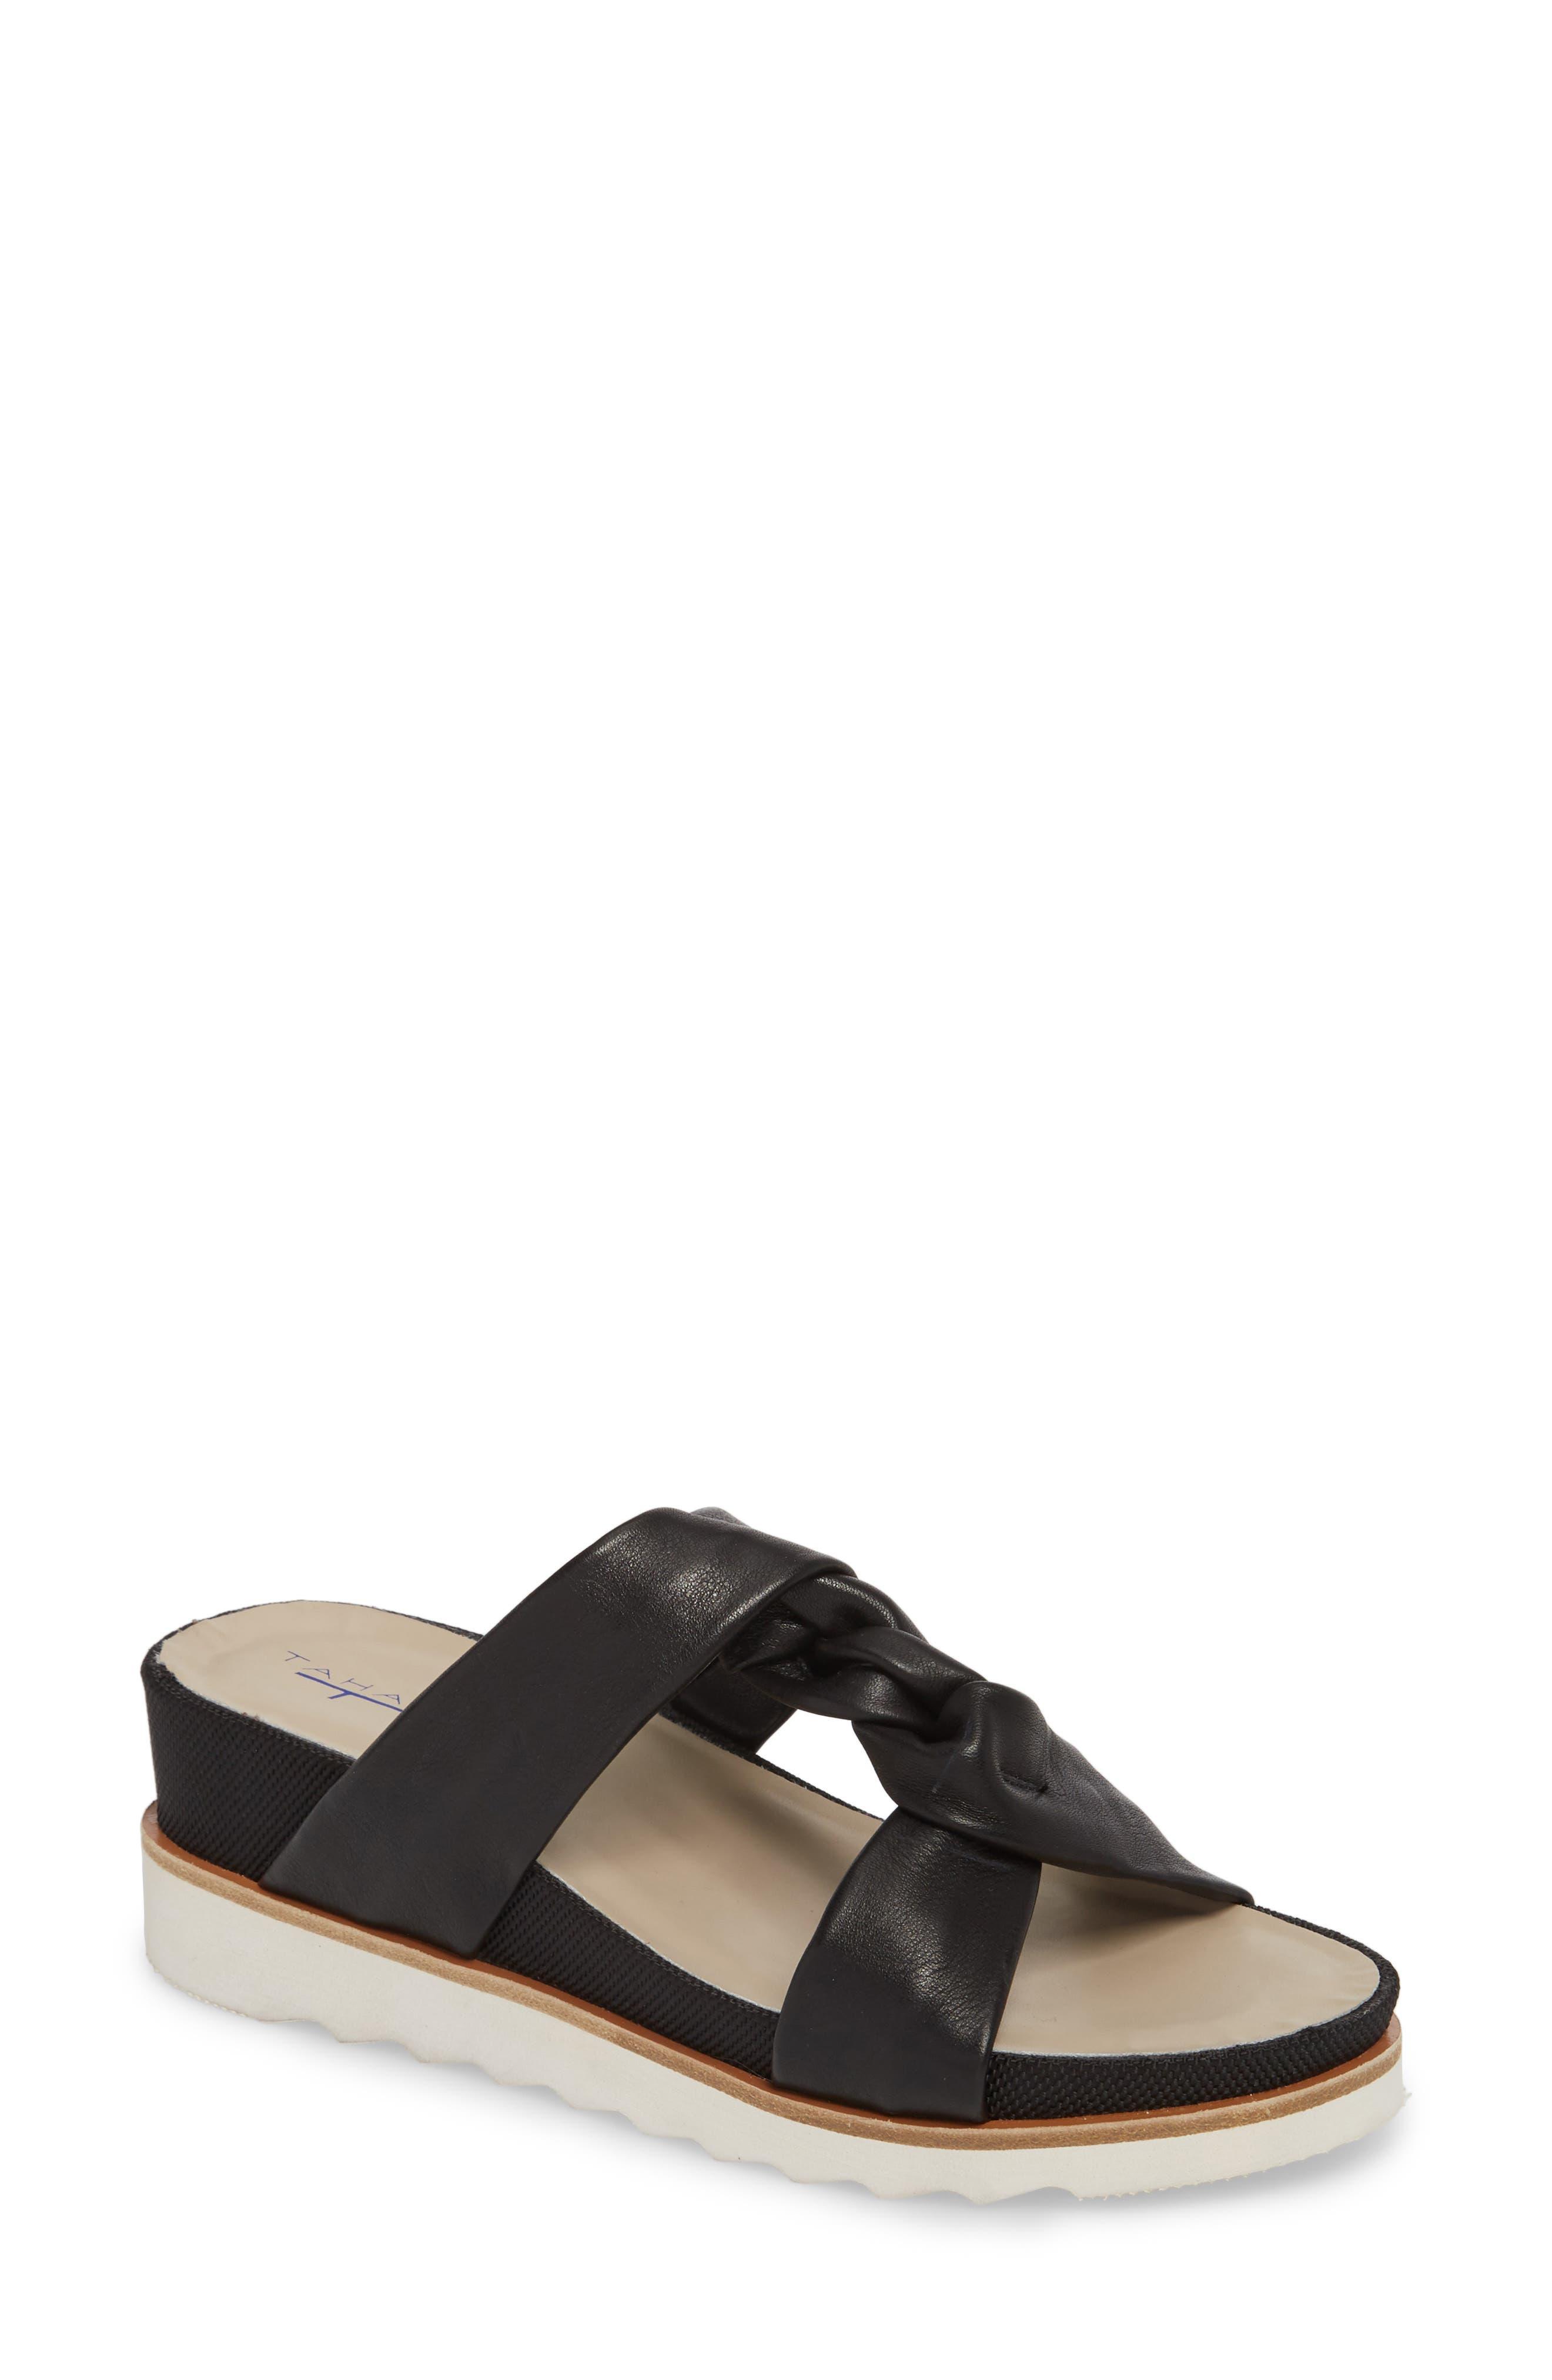 Ginger Slide Sandal,                         Main,                         color, BLACK LEATHER